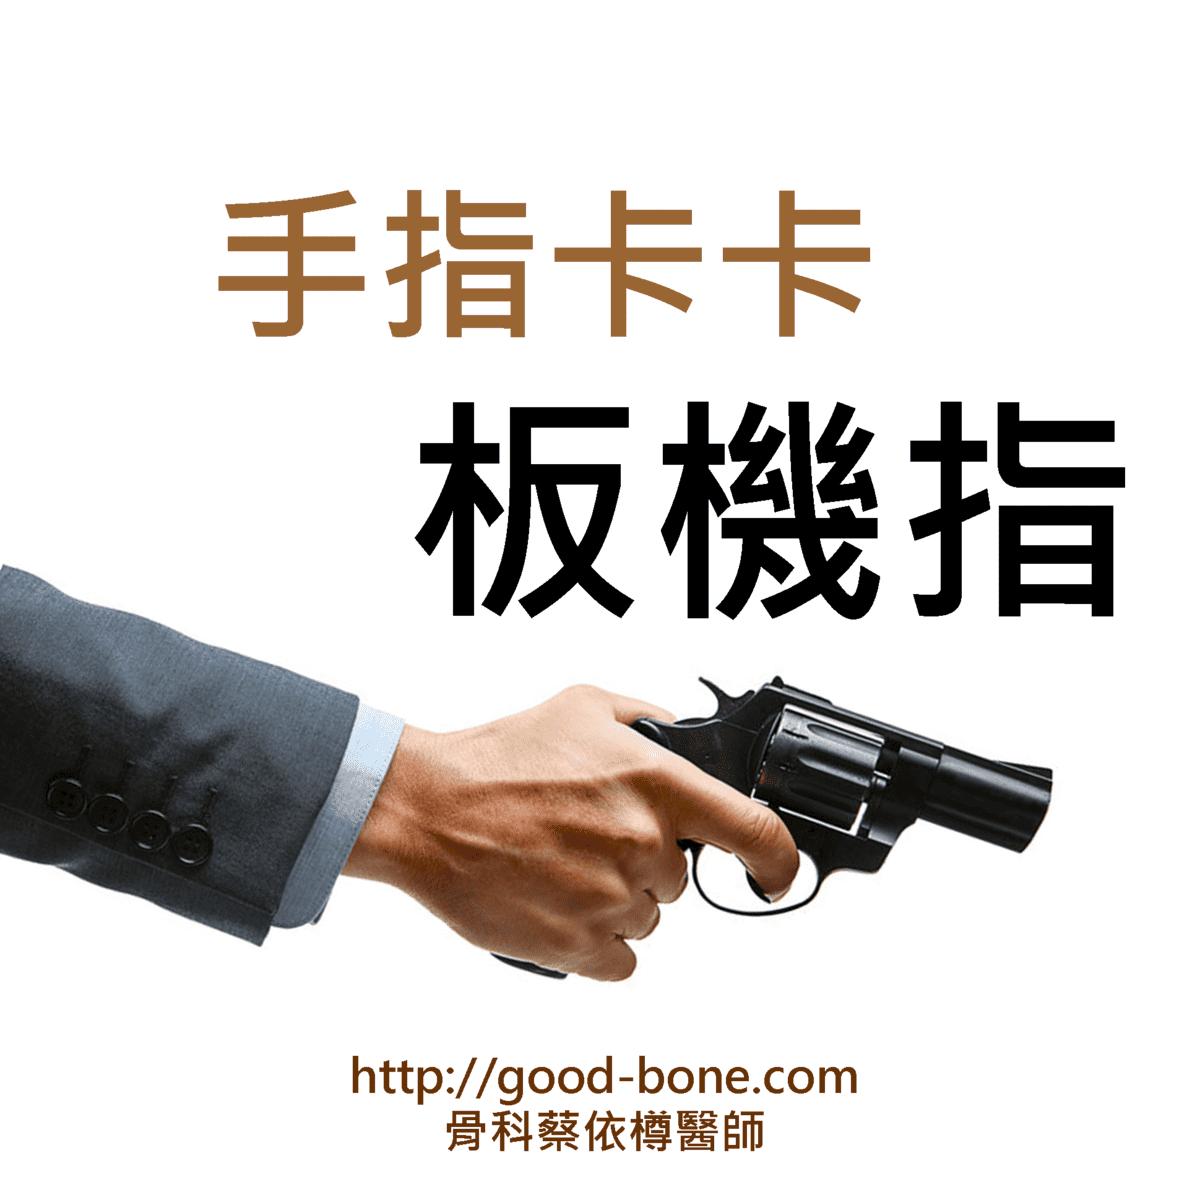 手指卡卡板機指|台中骨科蔡依樽醫師https://good-bone.com